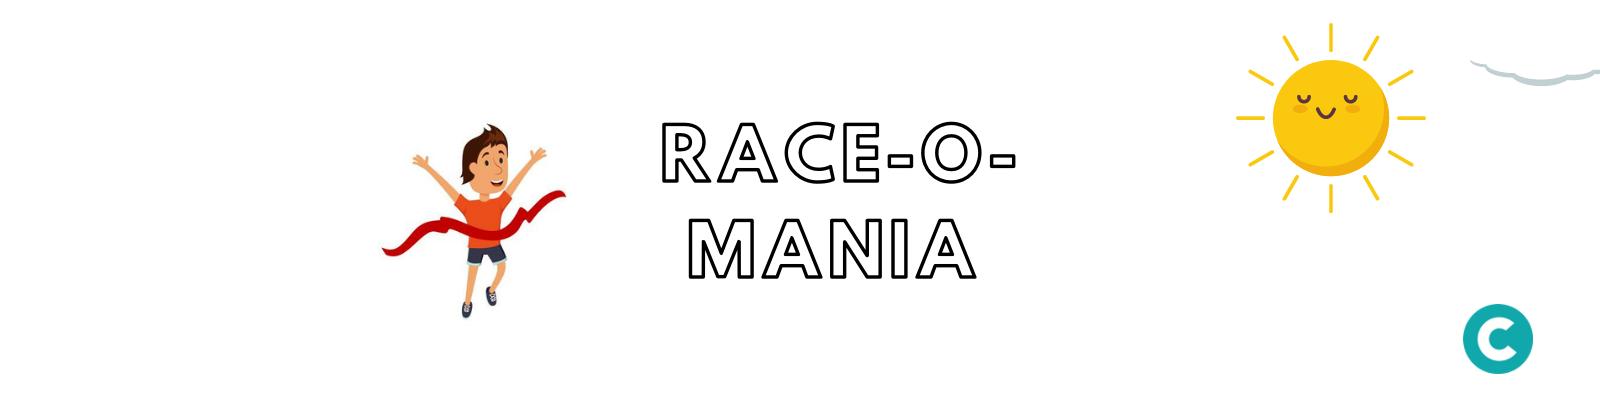 Race-O-Mania